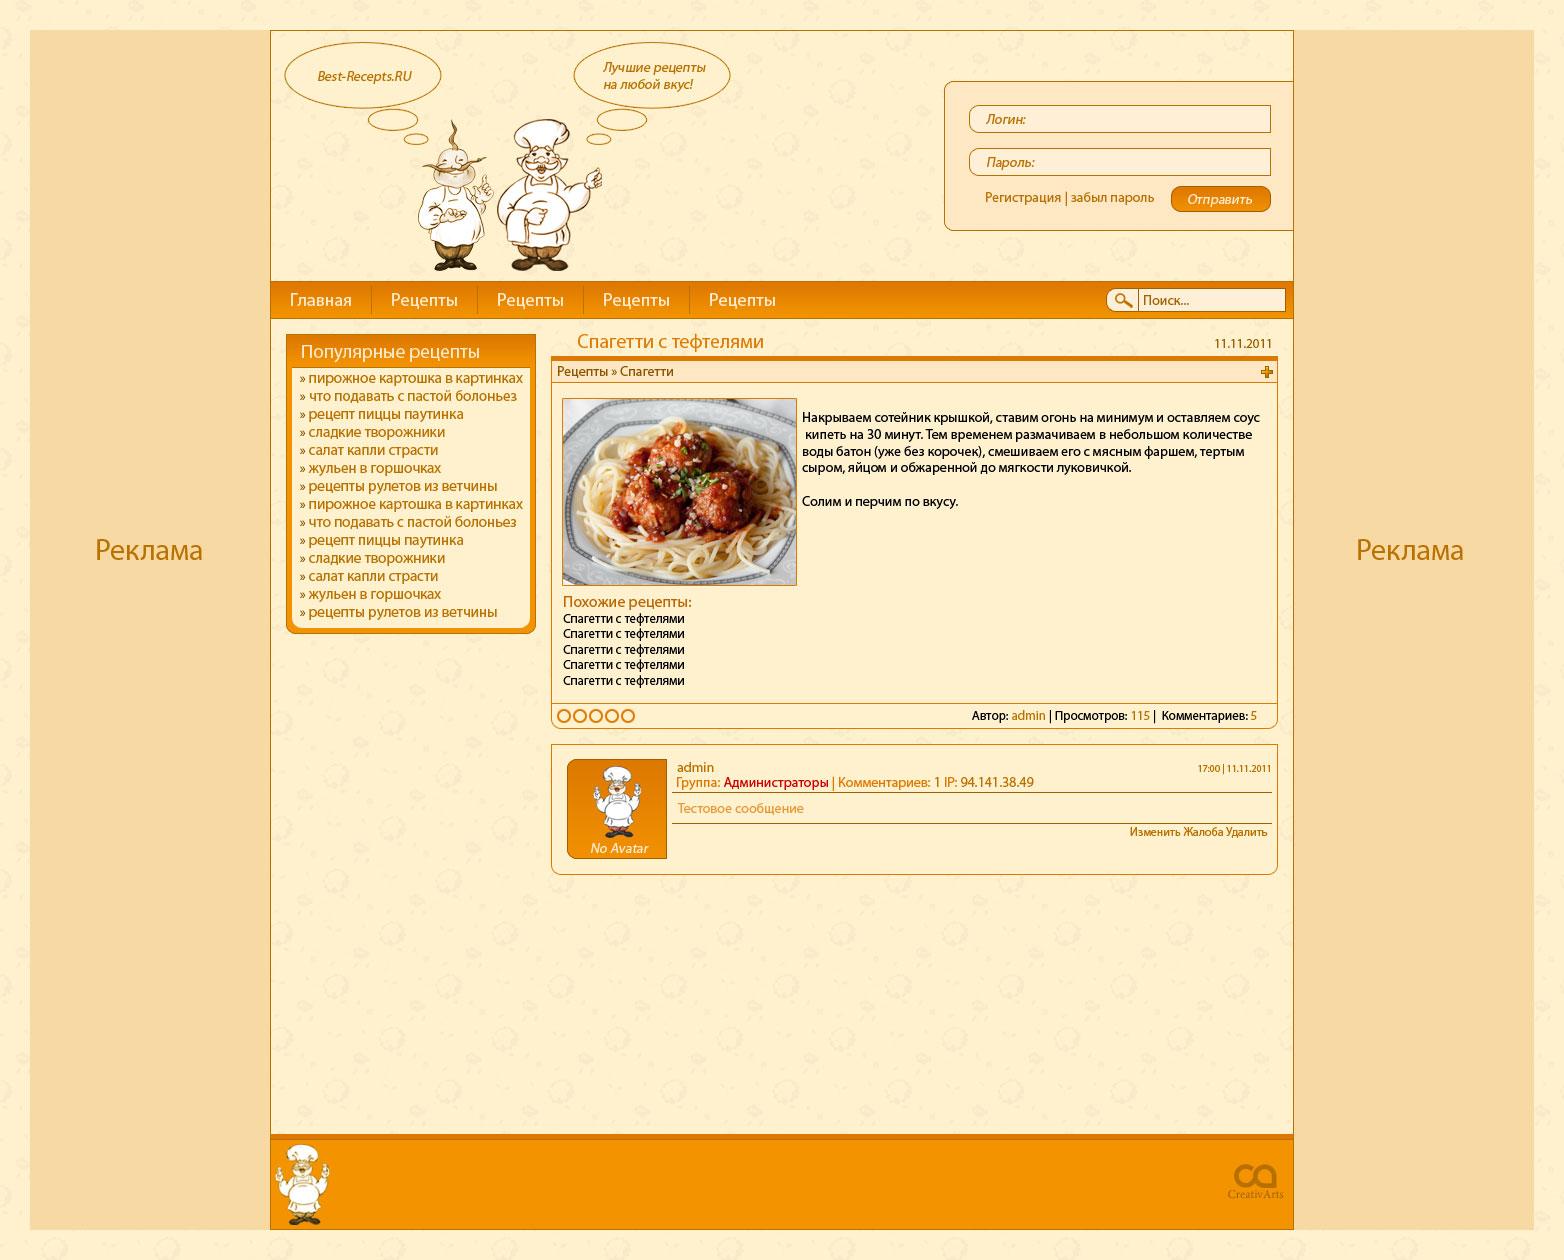 Дизайн для сайта Best-Recepts (PSD макет + шаблон) купить